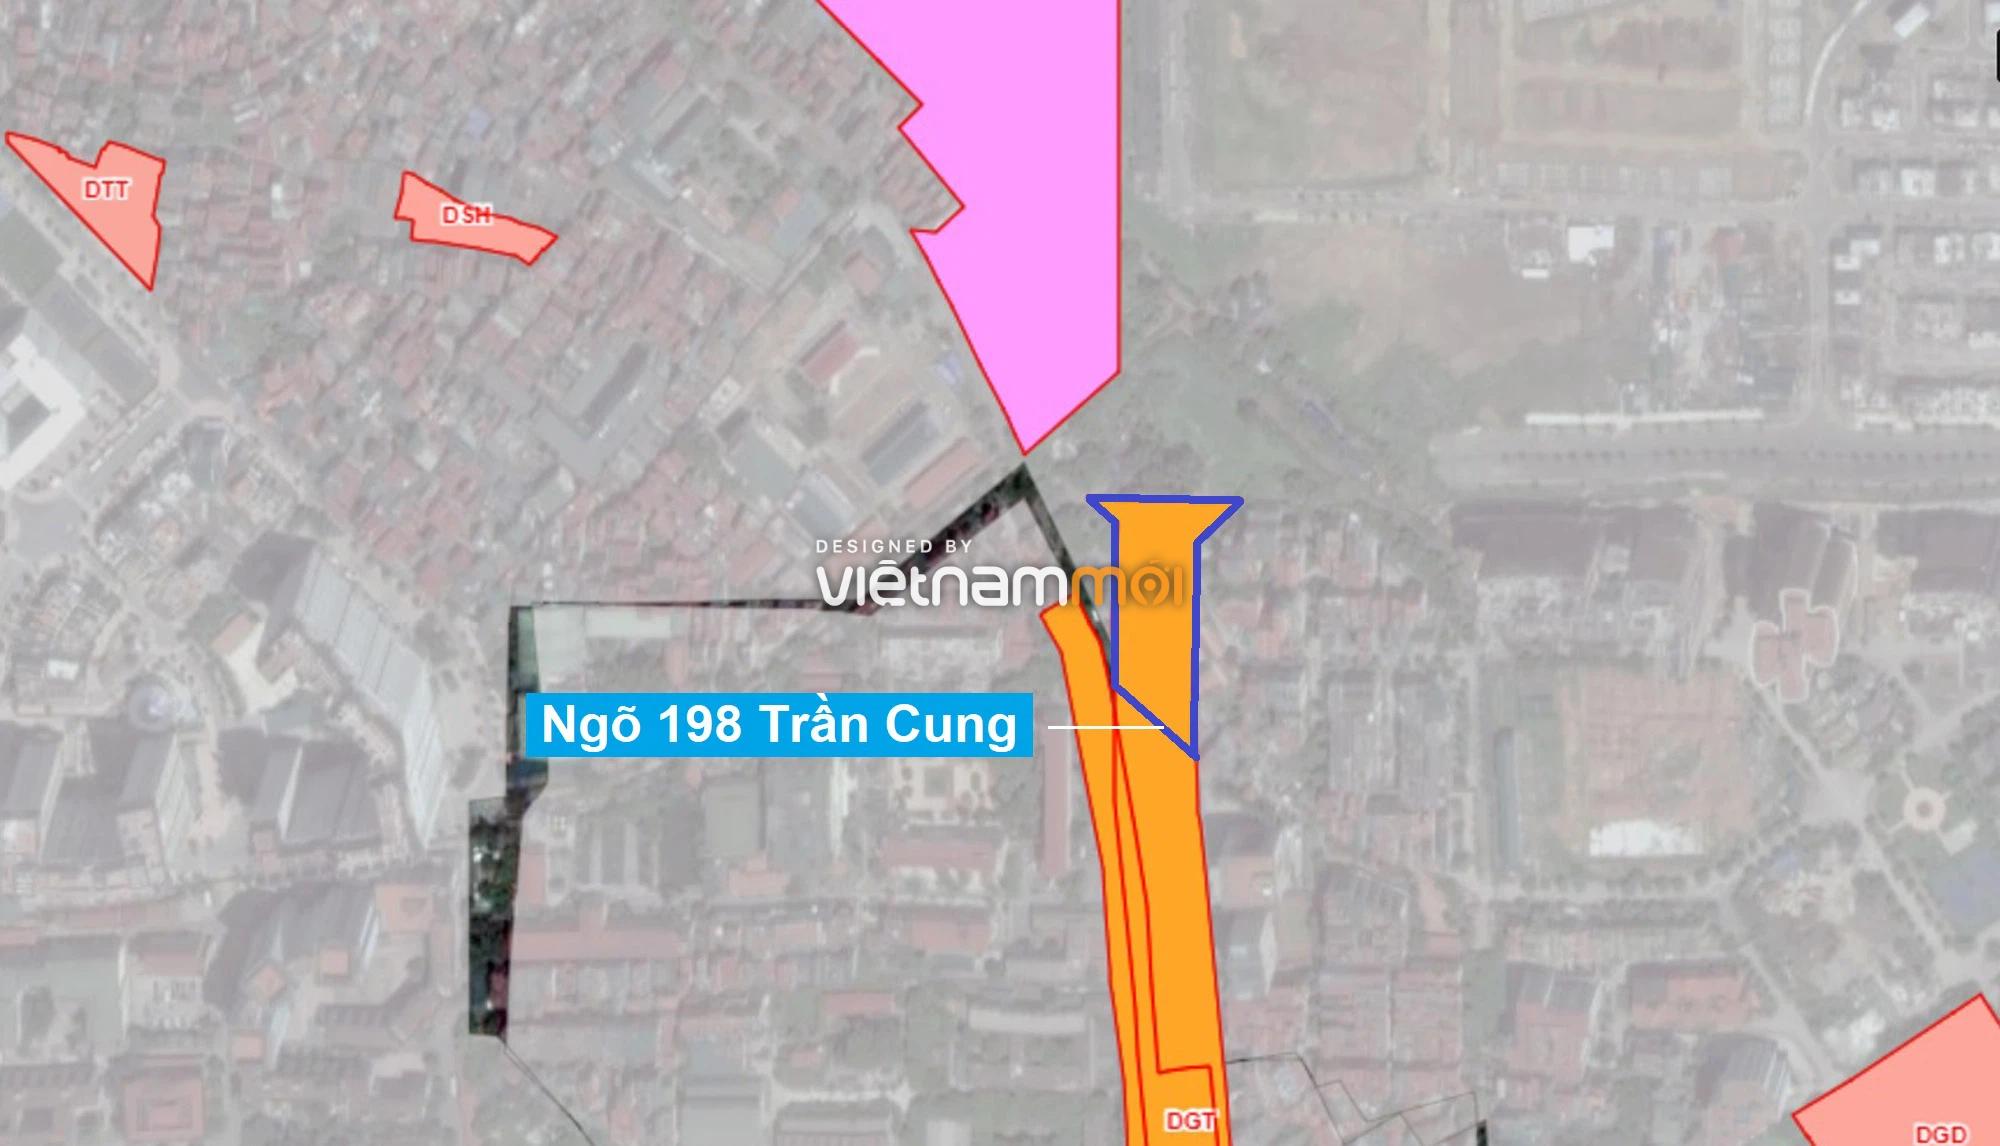 Những khu đất sắp thu hồi để mở đường ở quận Bắc Từ Liêm, Hà Nội (phần 3) - Ảnh 14.